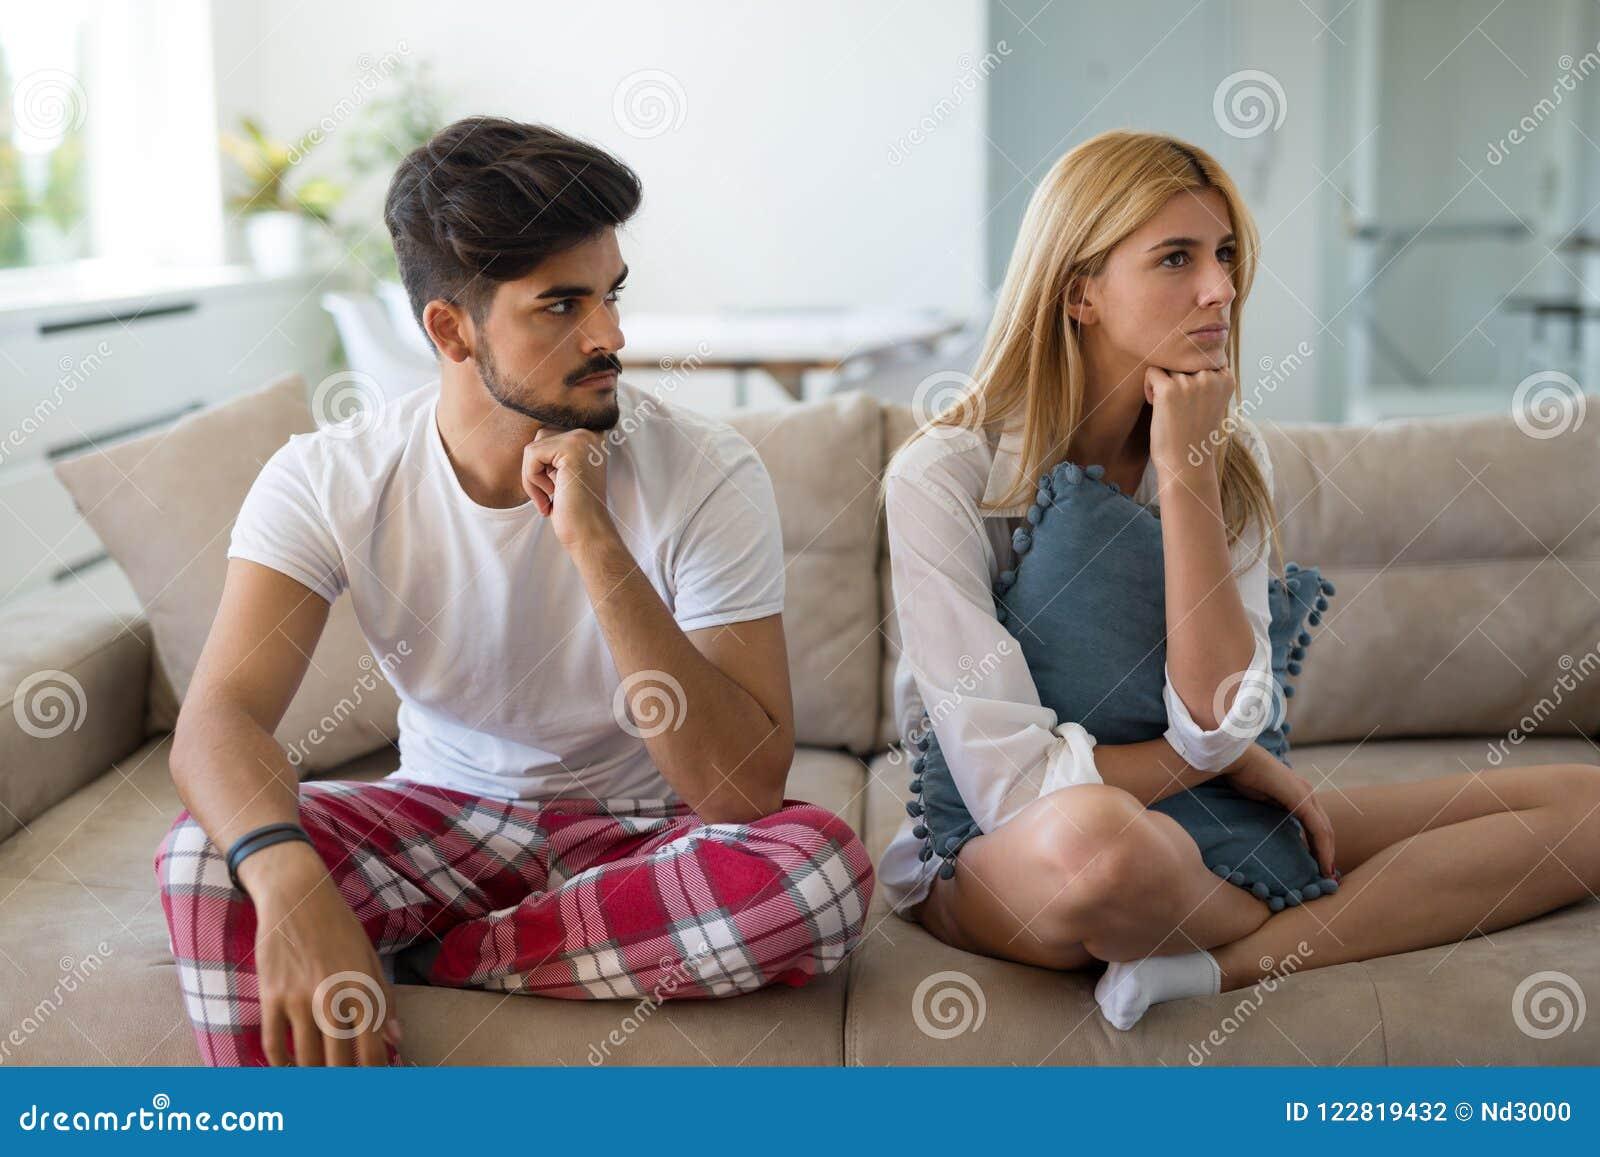 Olyckligt gift par på kant av impotens för skilsmässa tack vare